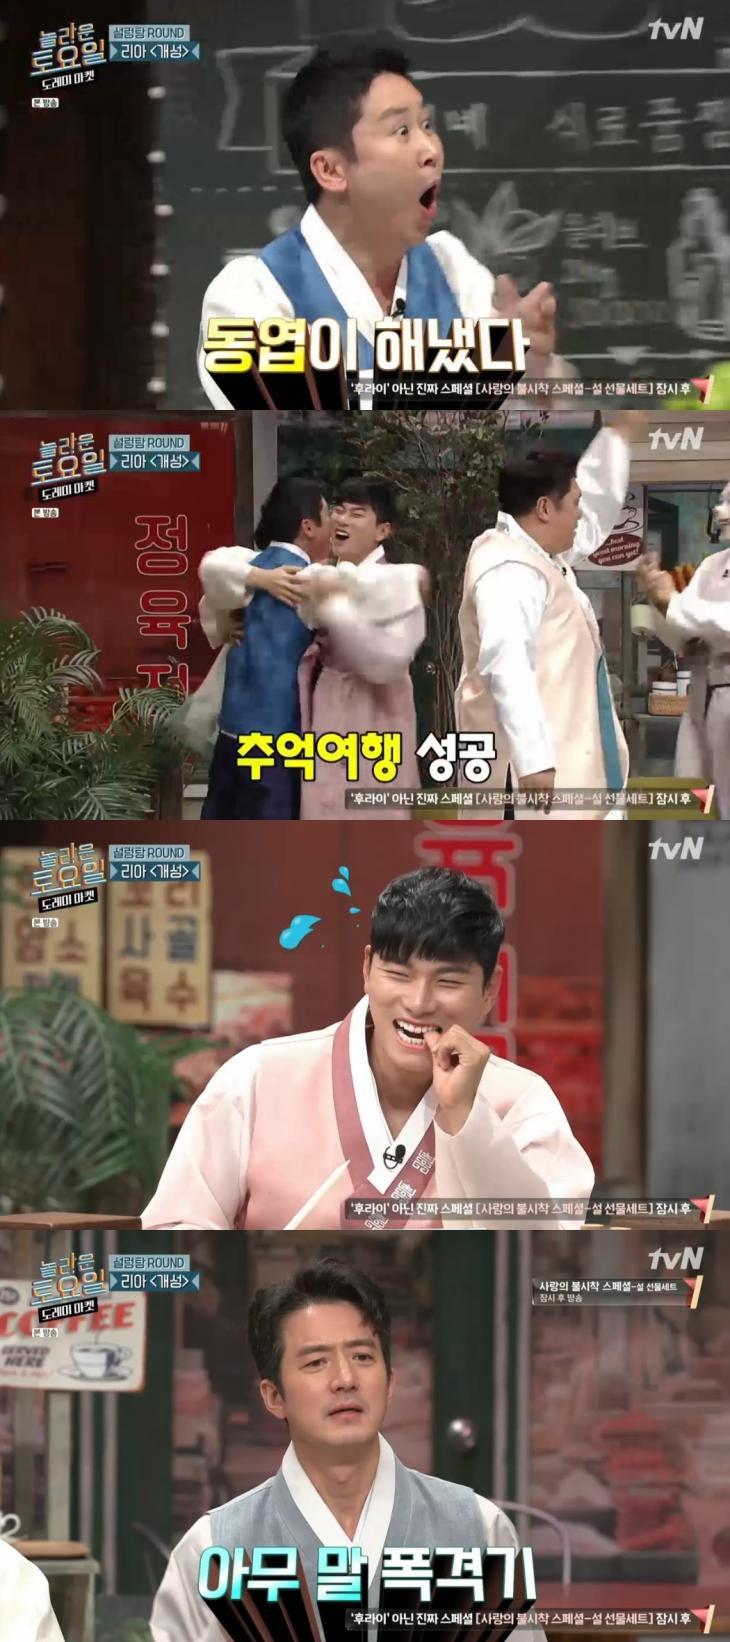 tvN 예능프로그램 '도레미마켓'